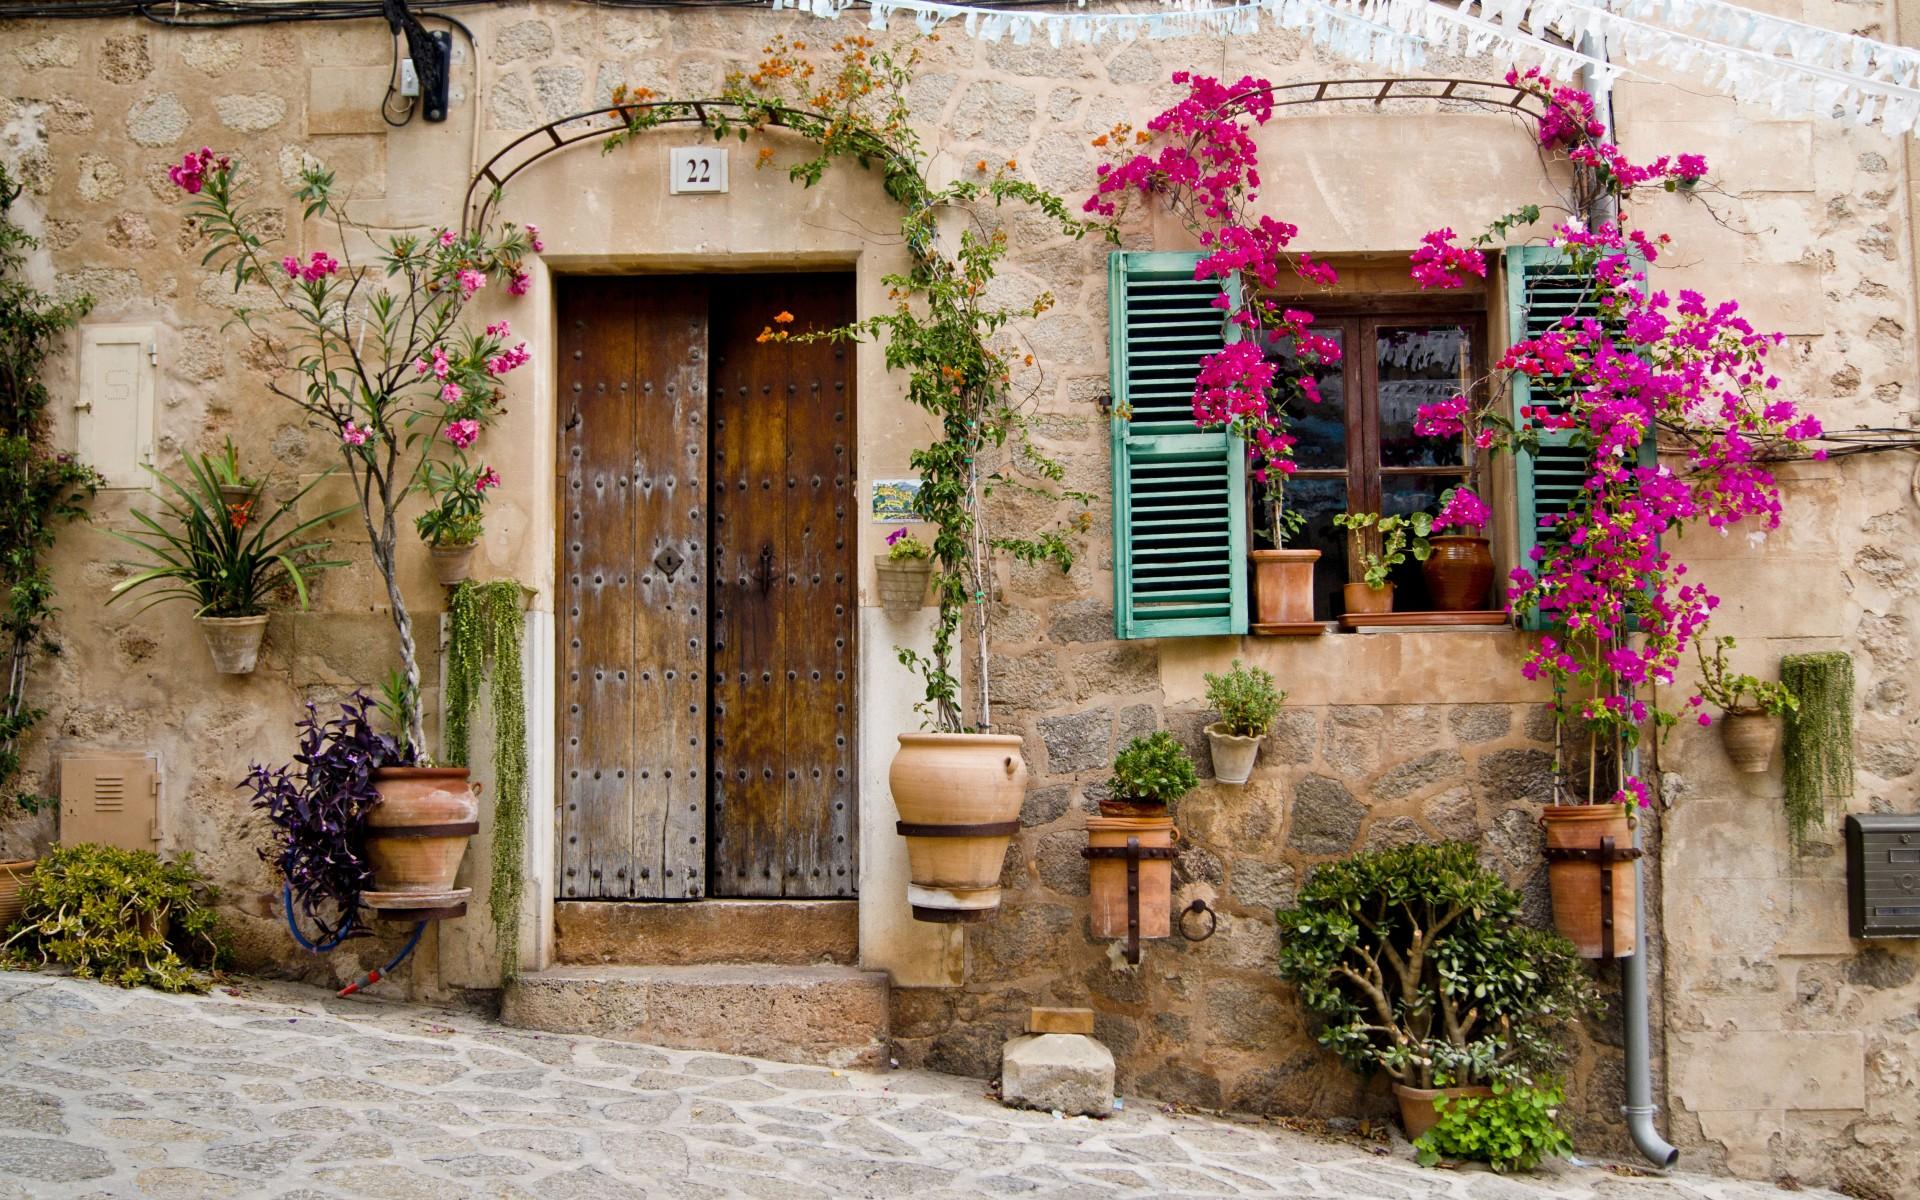 provence mallorca buildings stoop door window flowers